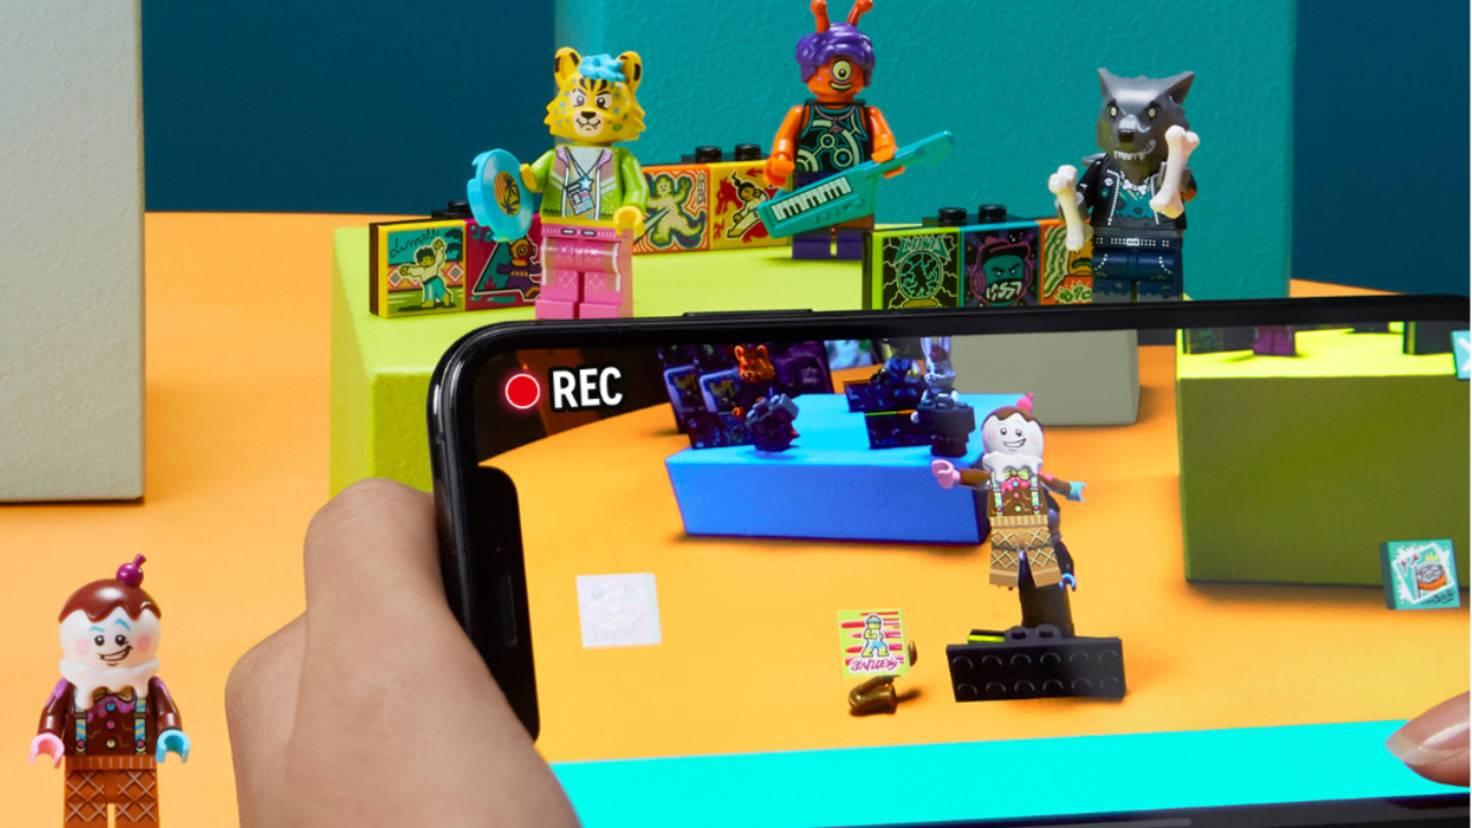 Stell Deine Lego-Band zusammen und dreh Dein eigenes Musikvideo.